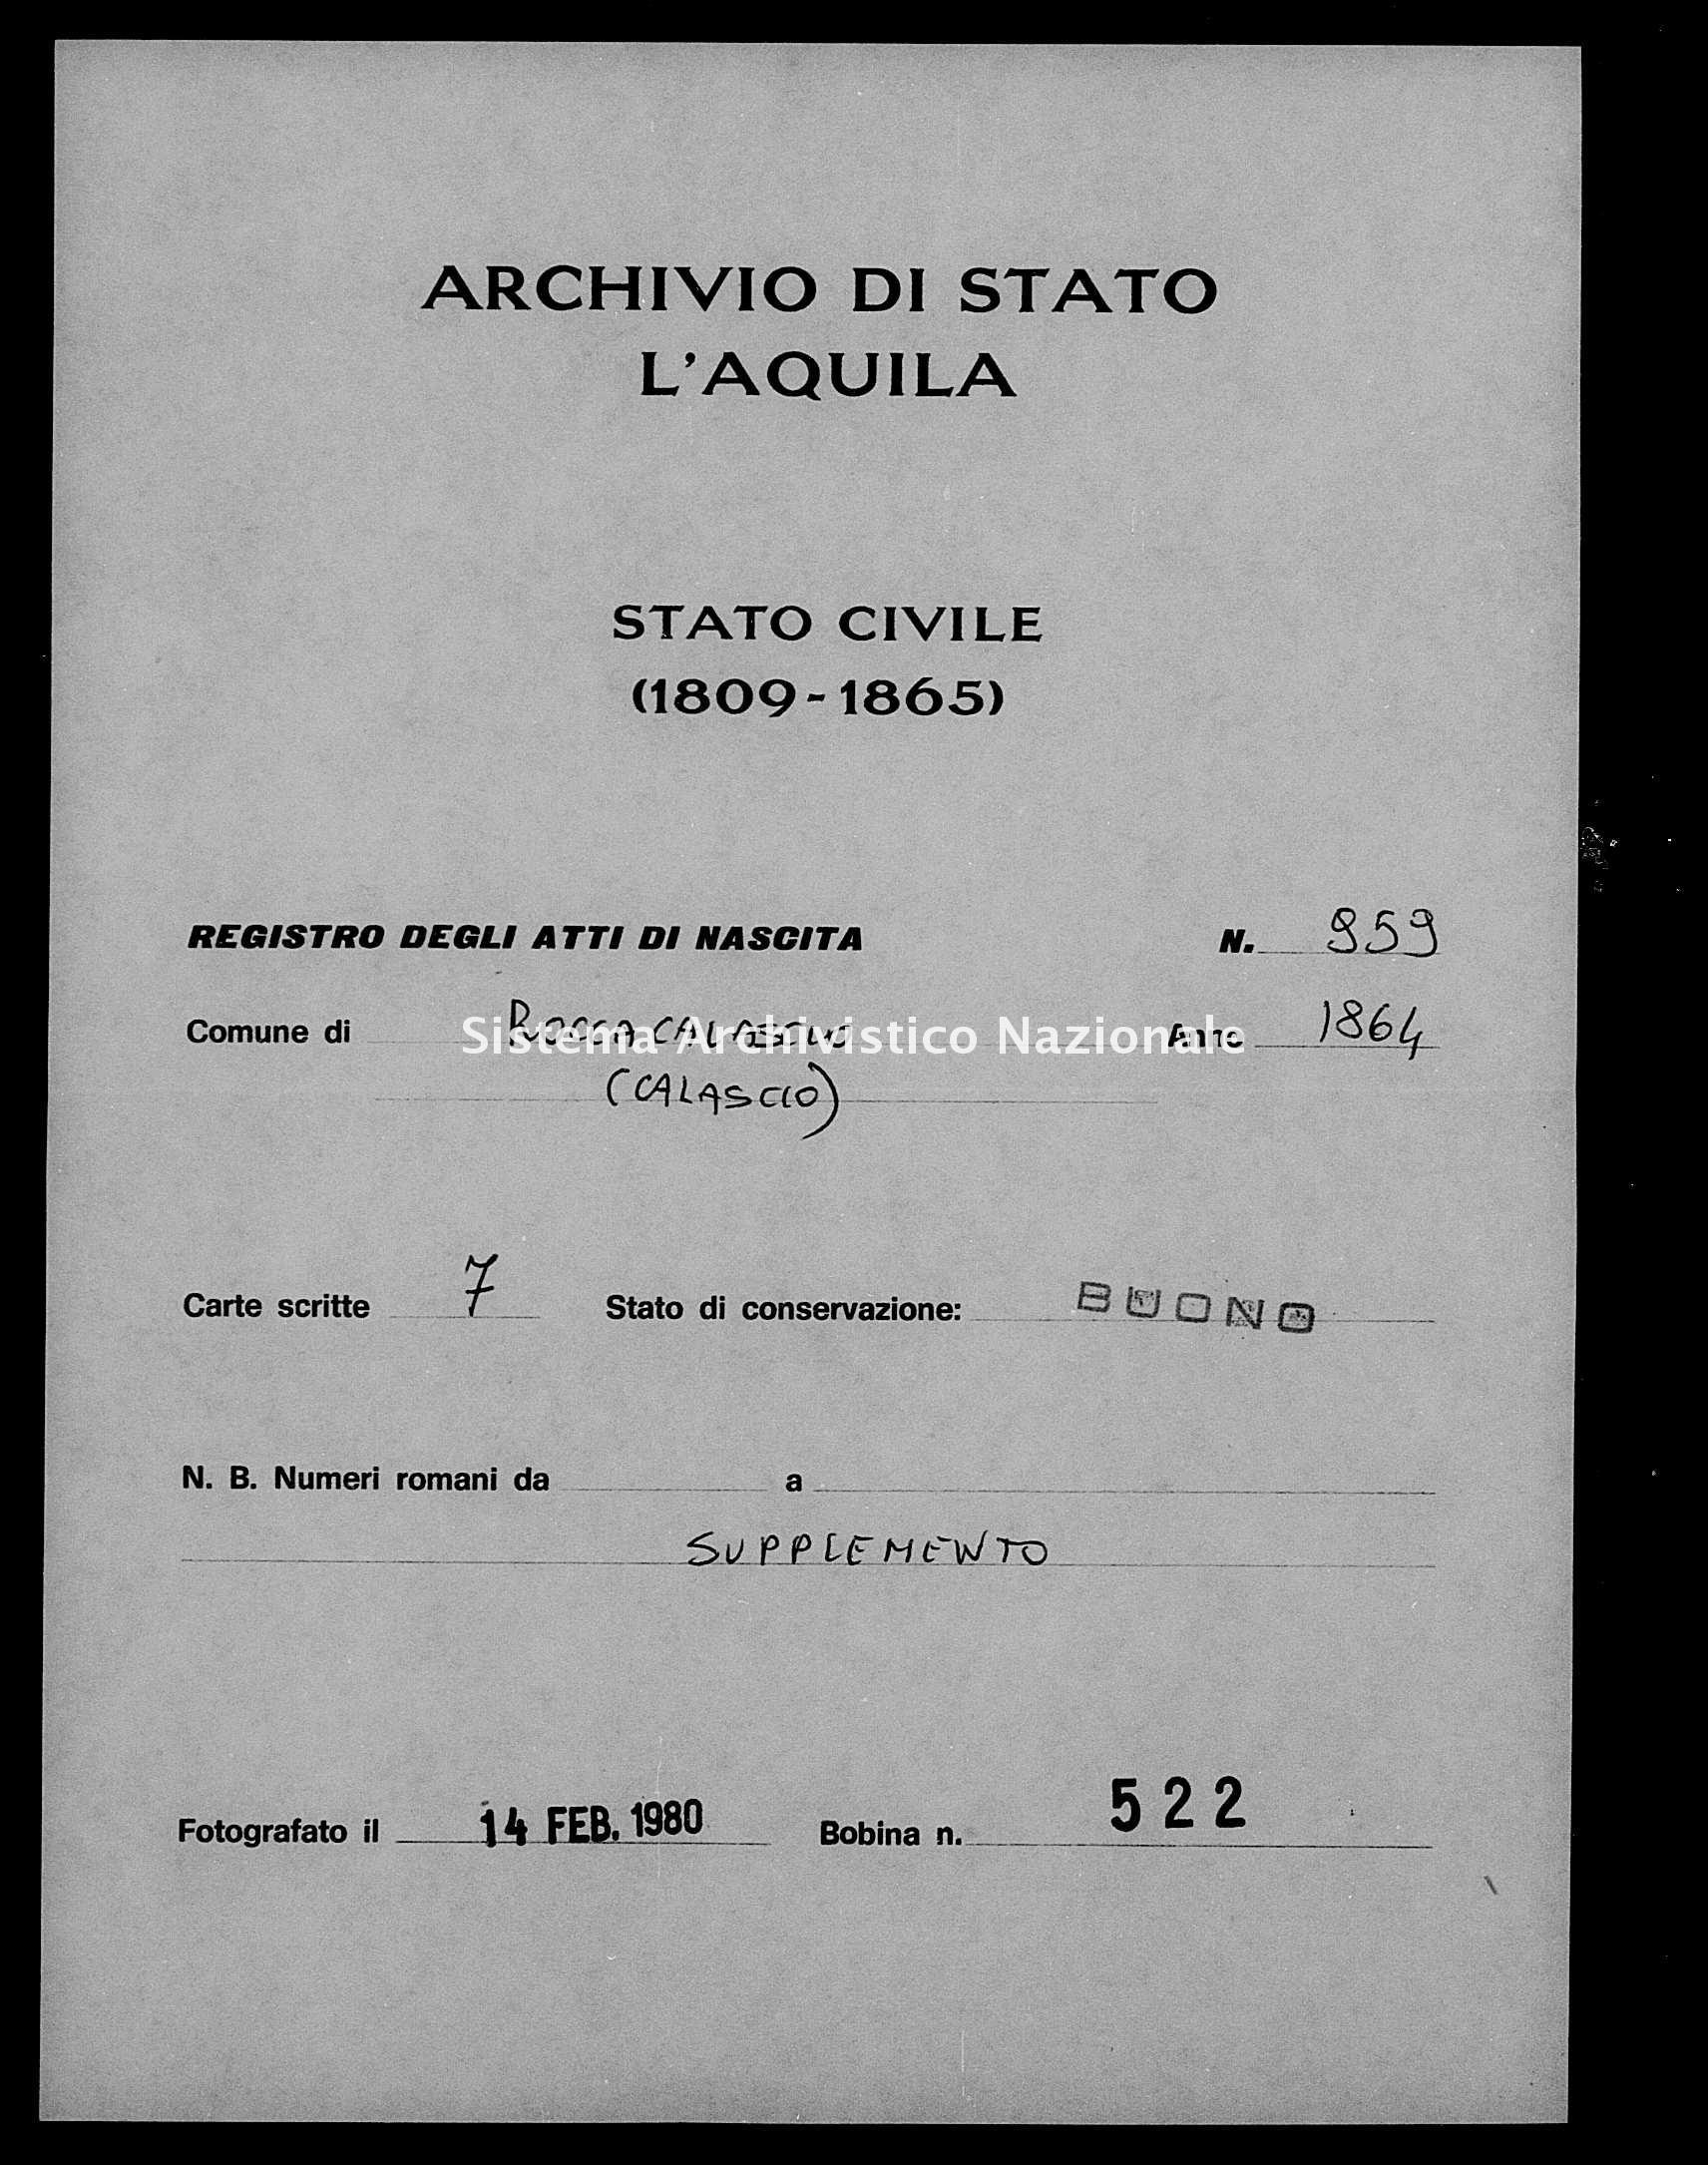 Archivio di stato di L'aquila - Stato civile italiano - Rocca Calascio - Nati, battesimi - 1864 - 959 -